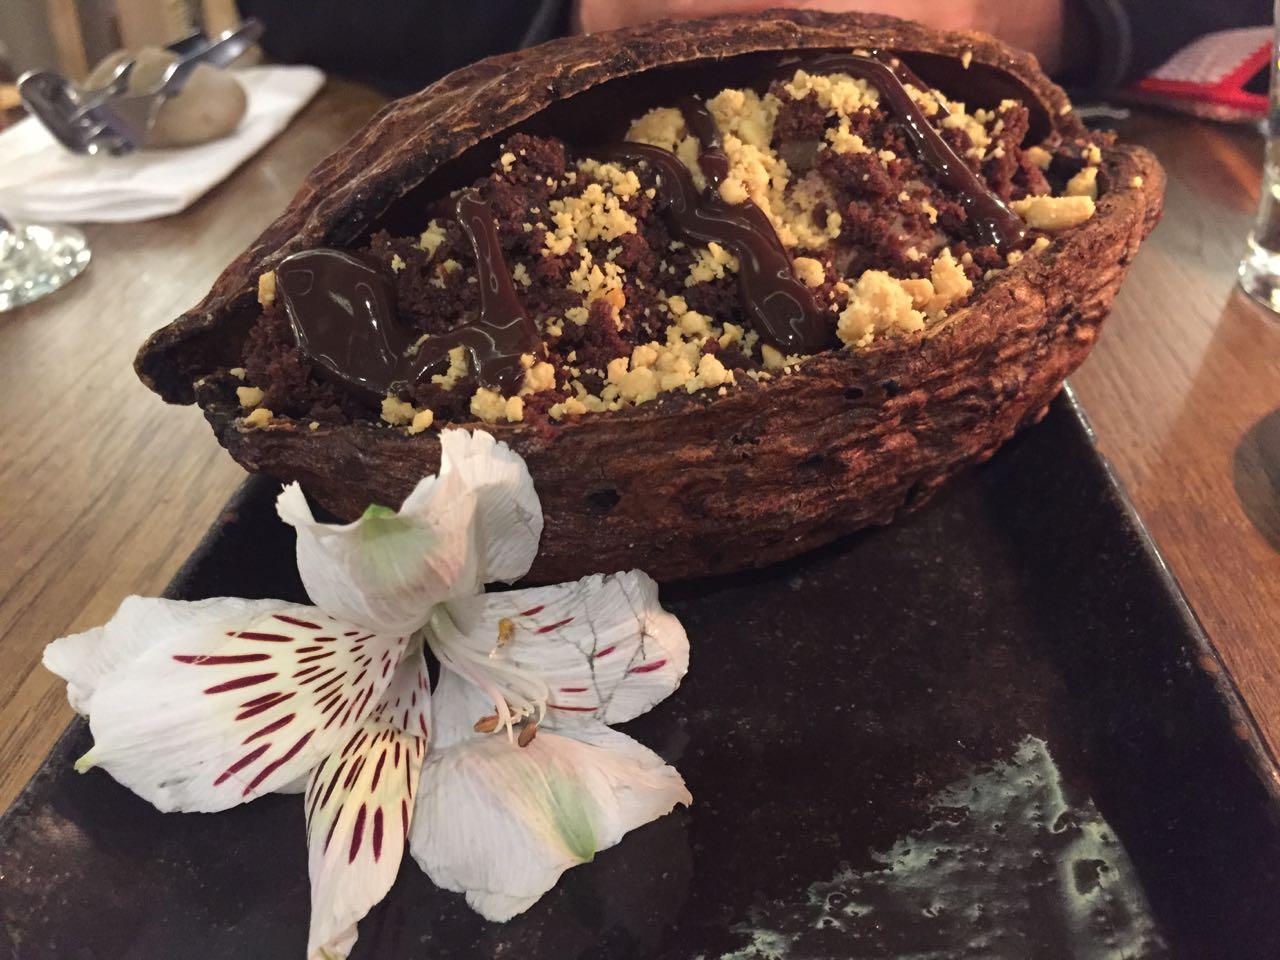 Wessen Dessert das wohl ist_